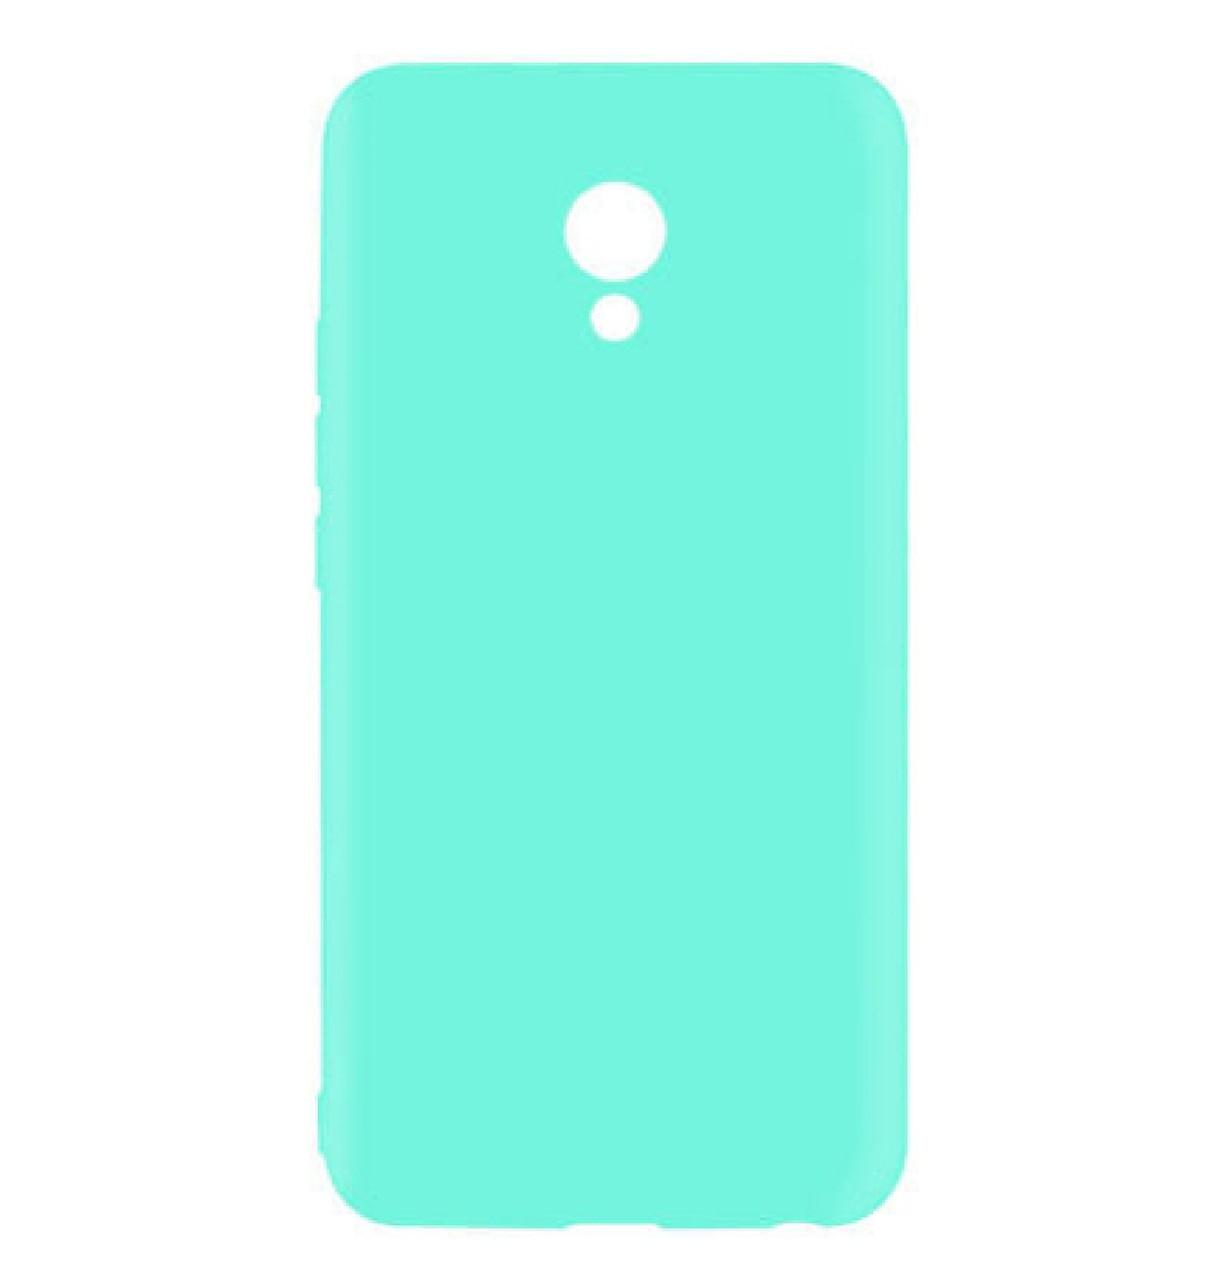 Силиконовый чехол Candy для Meizu M6s Turquoise